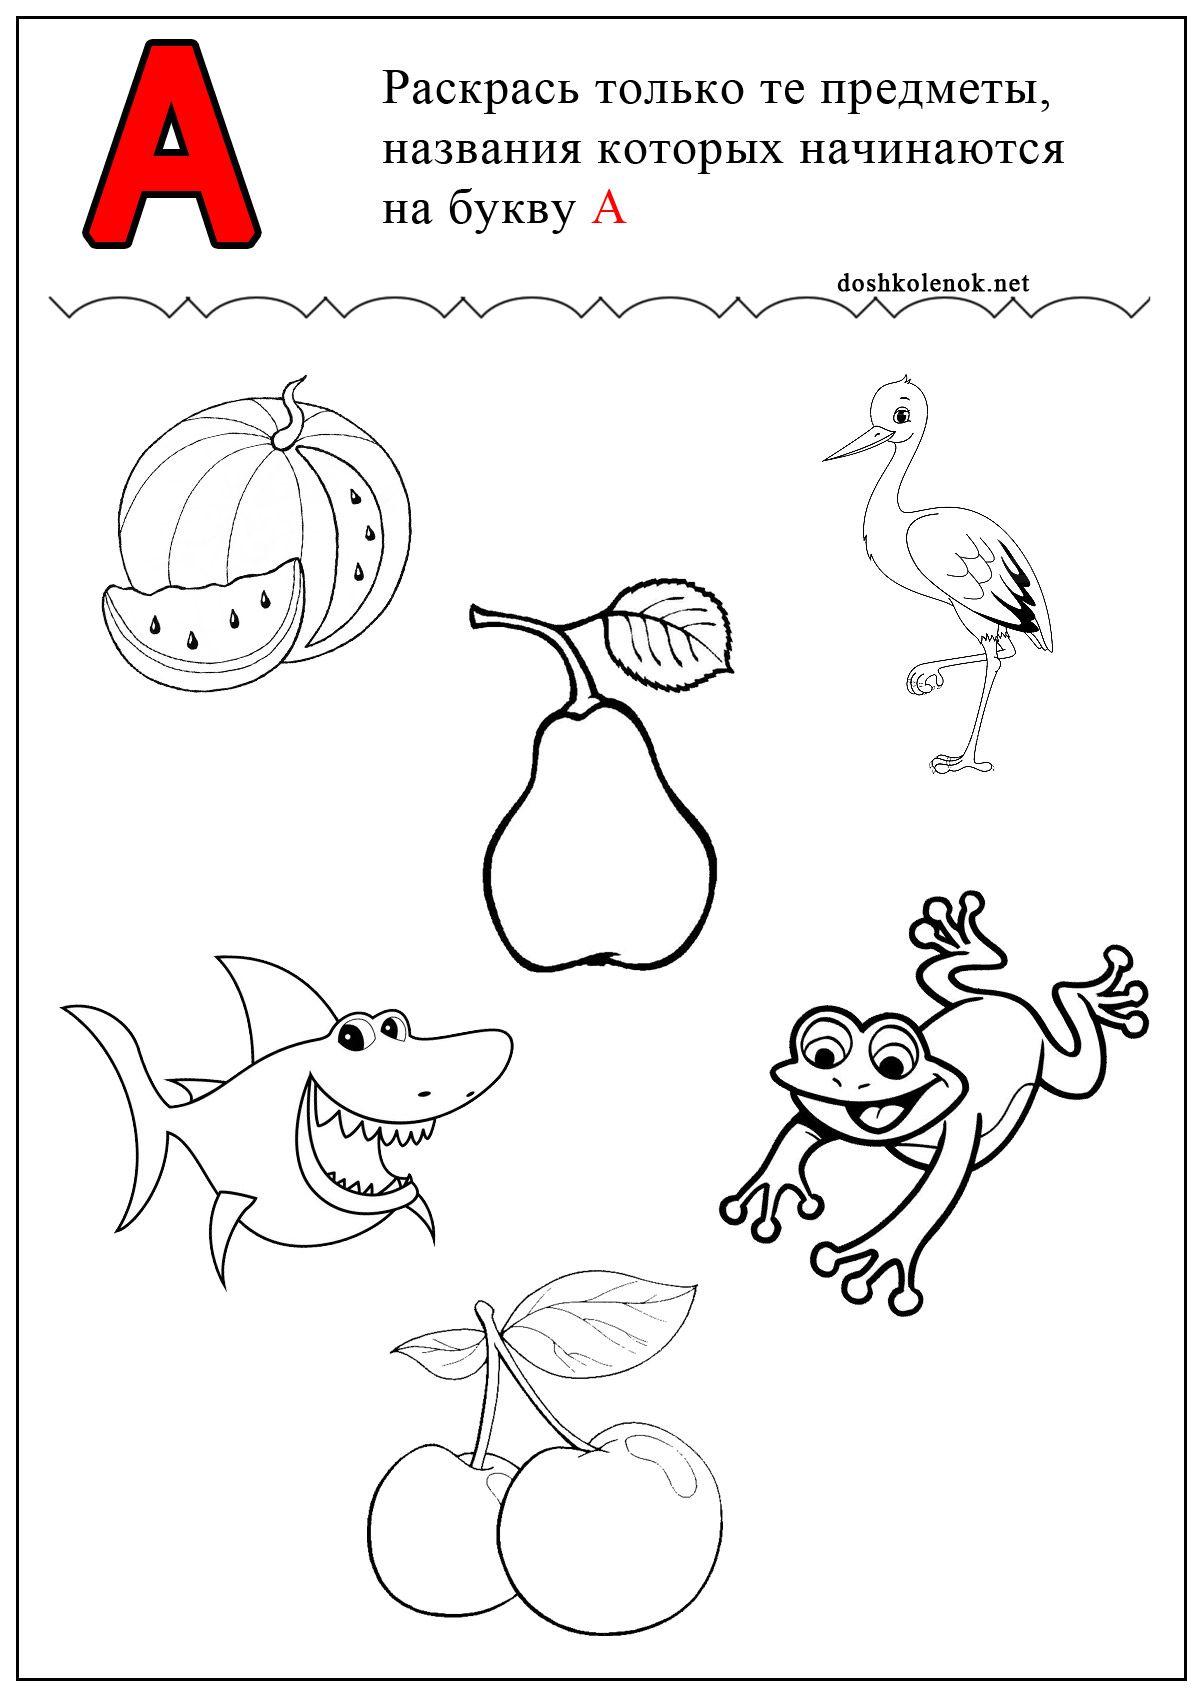 Рисунки на букву а для детей в картинках